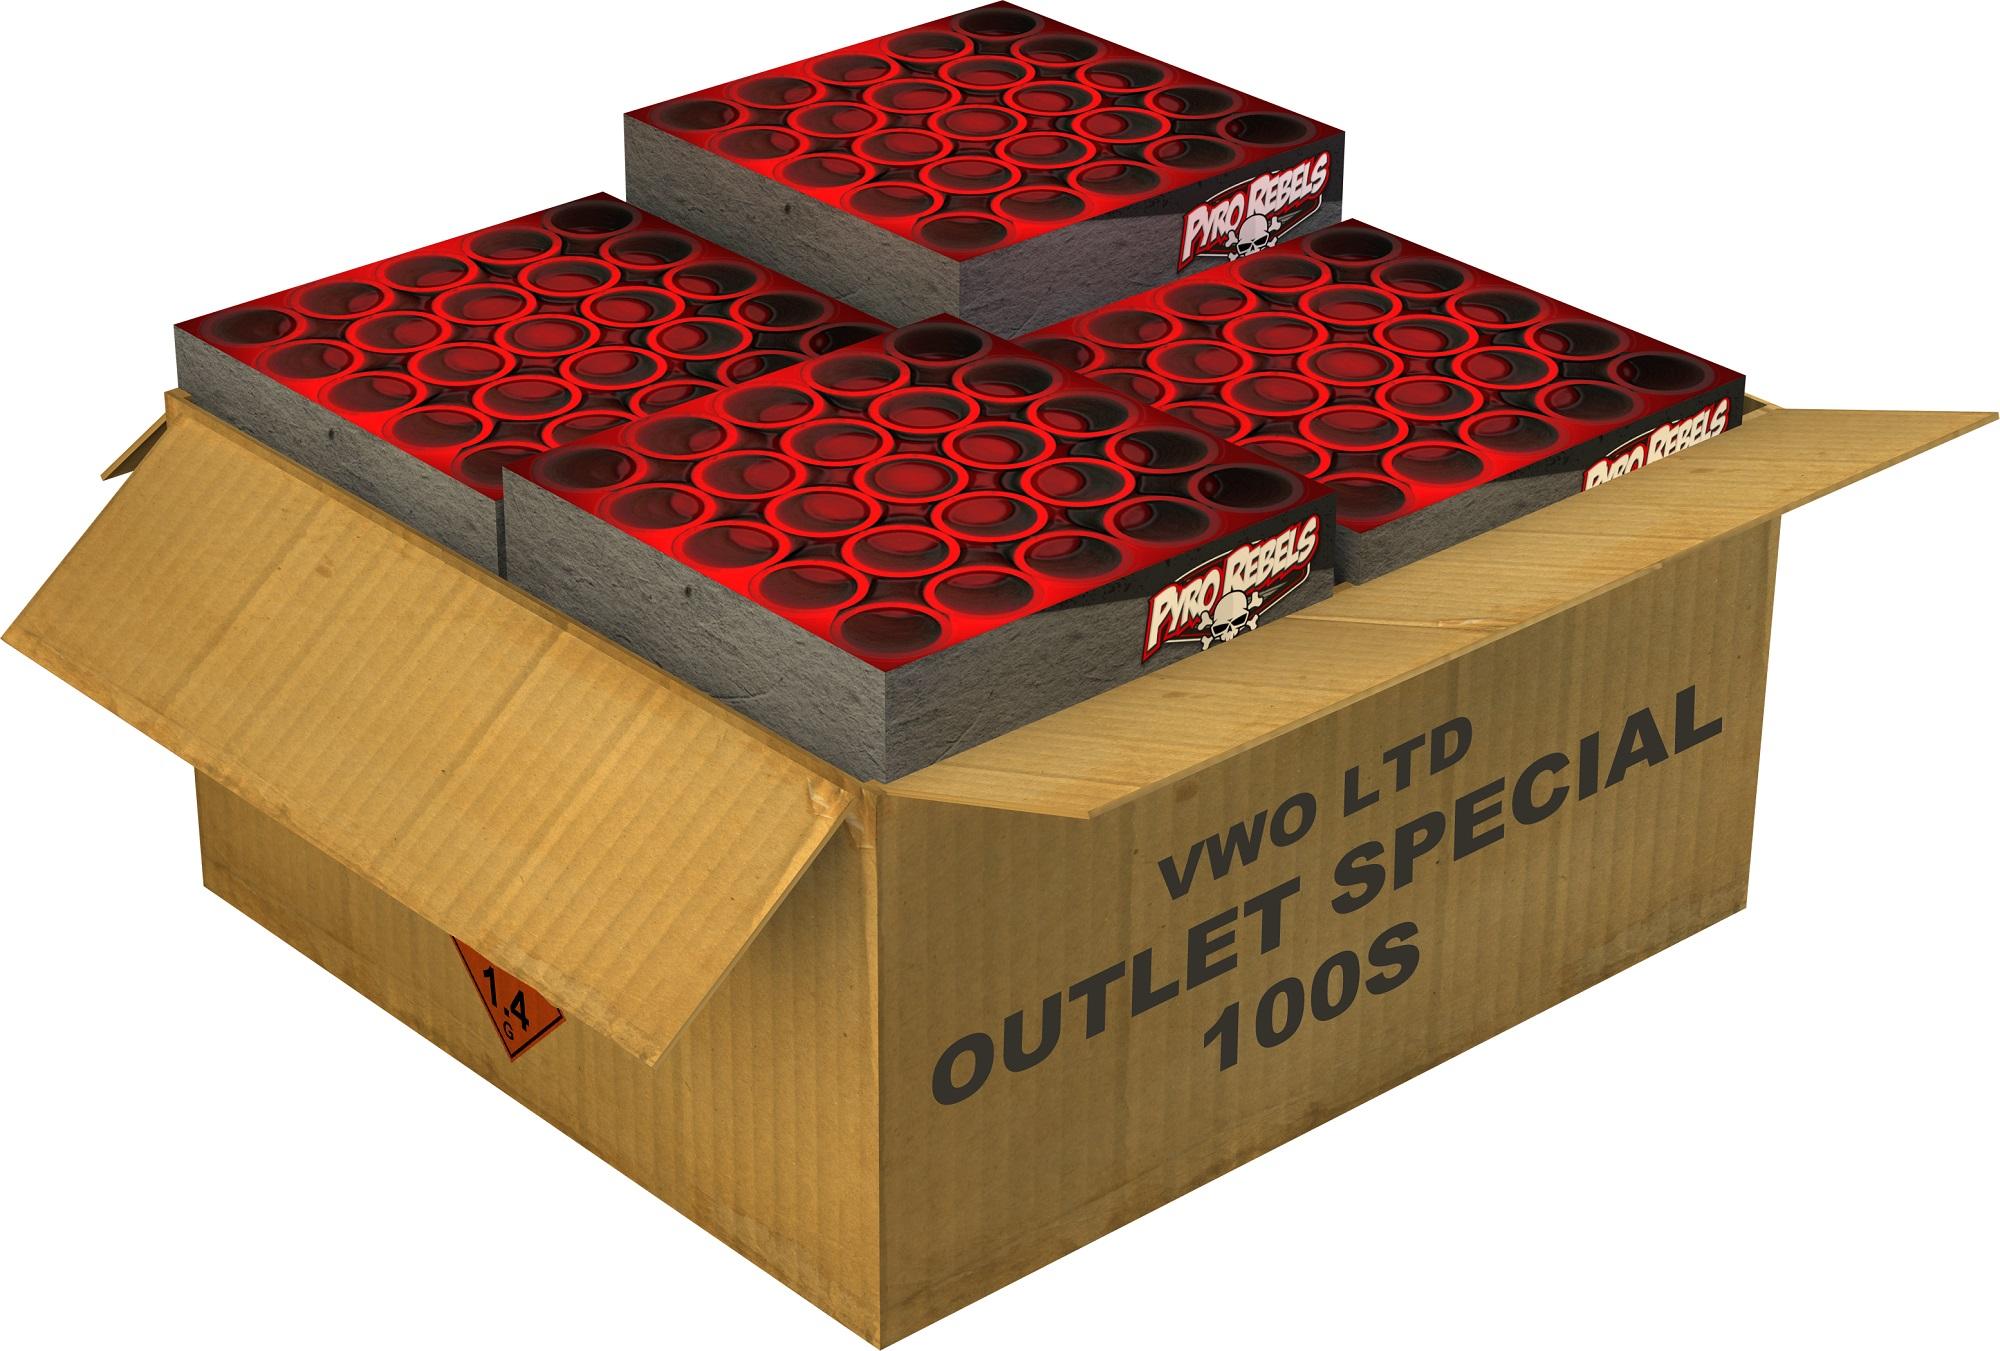 Outlet Special 100's Cakebox LTD